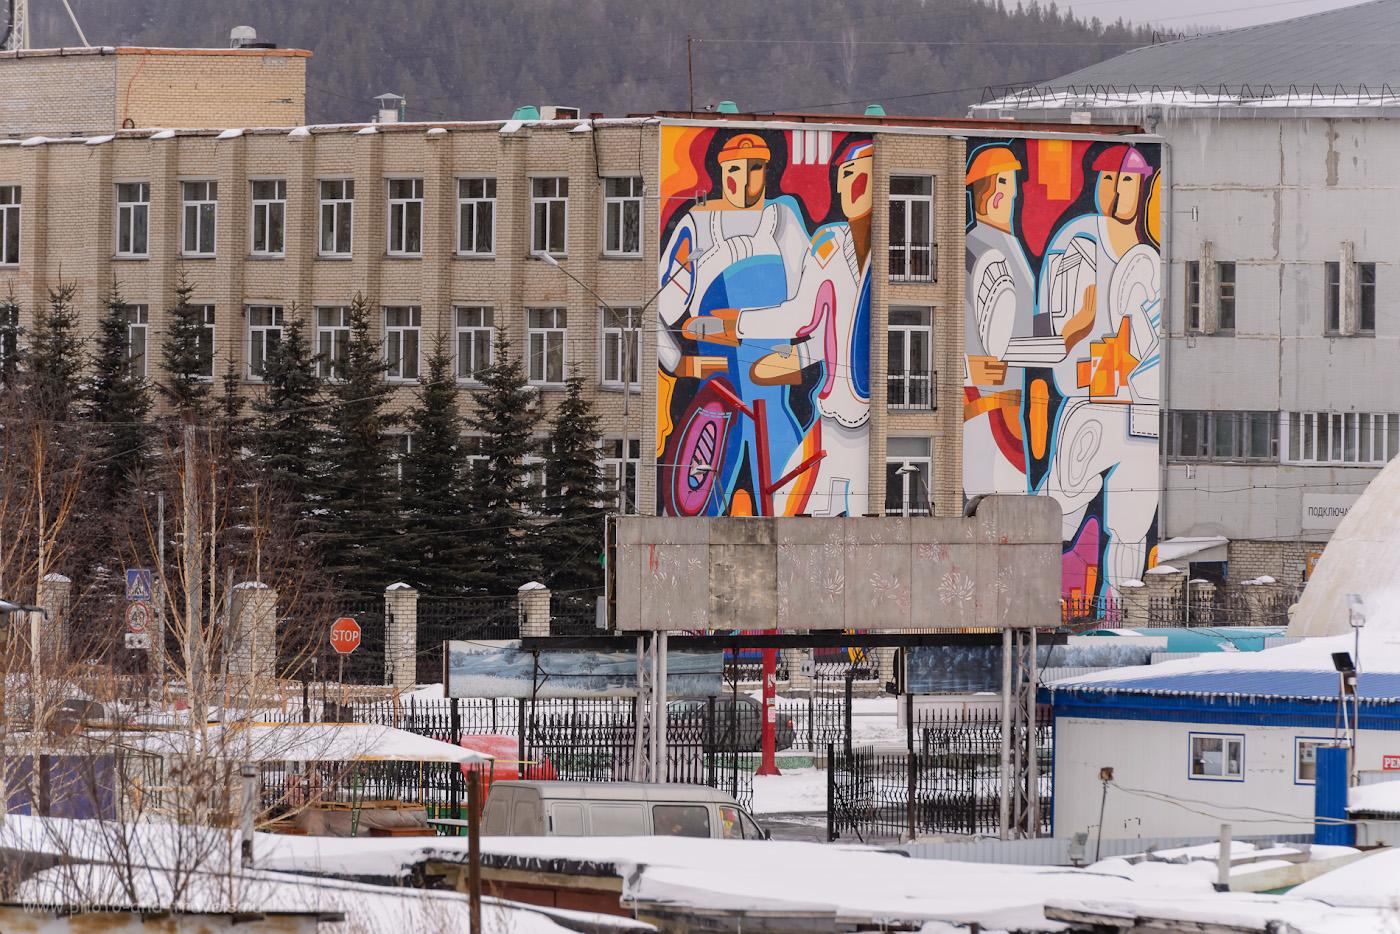 Фотография 16. Современные граффити в Сатке. Как мы путешествуем на авто по Челябинской области. Маршрут поездки. Отчет туристов из Екатеринбурга. Идем смотреть «Серп и молот». 1/640, 6.3, 560, 280.